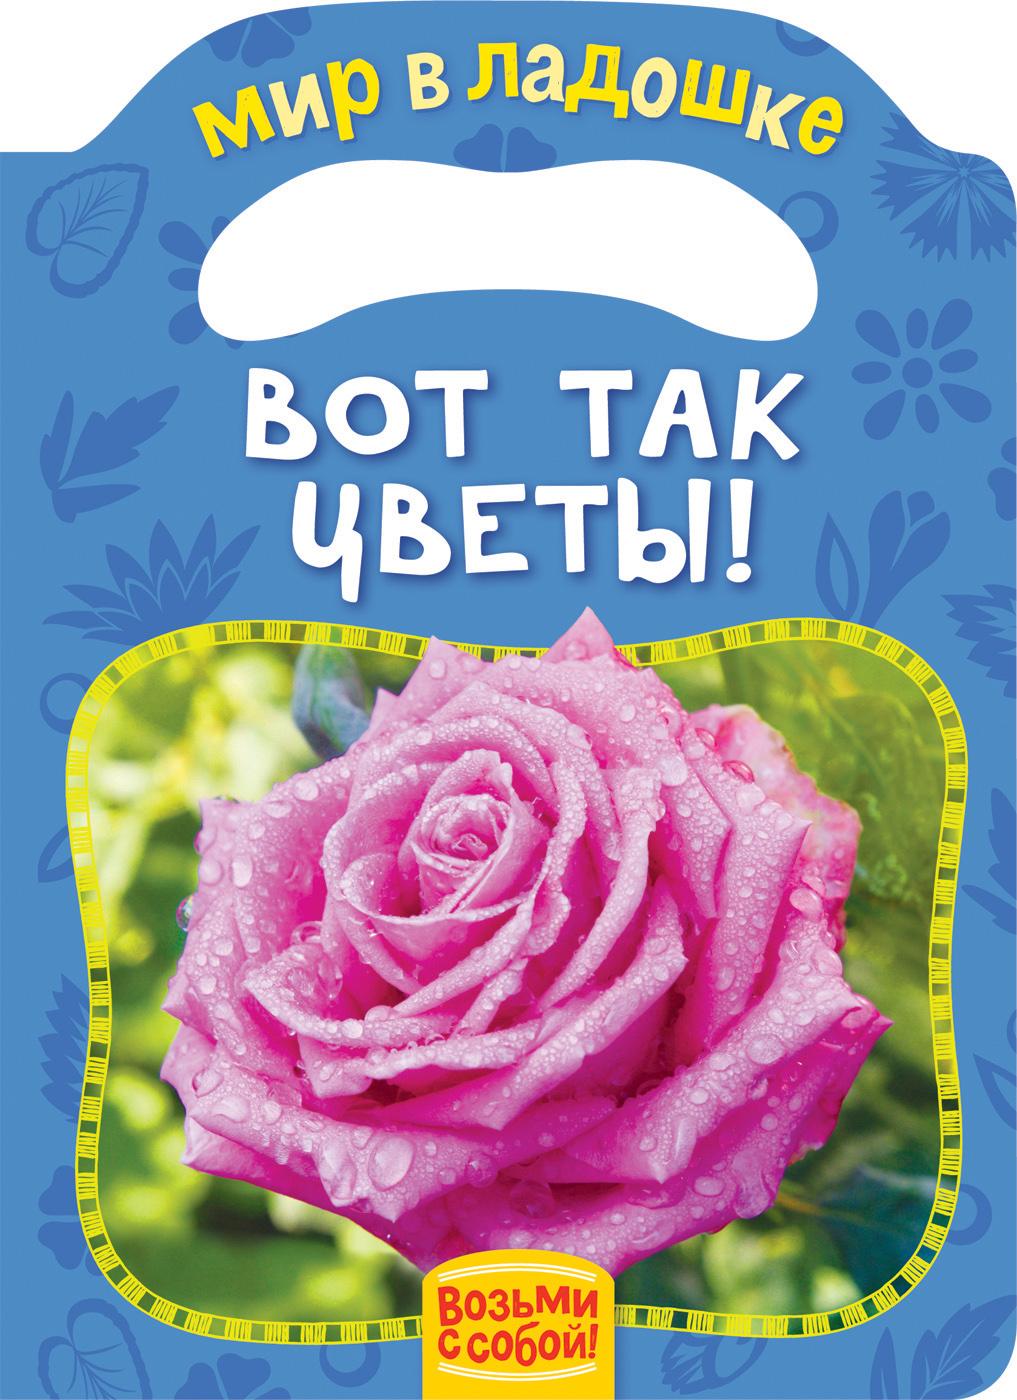 Вот так цветы! (МвЛ)